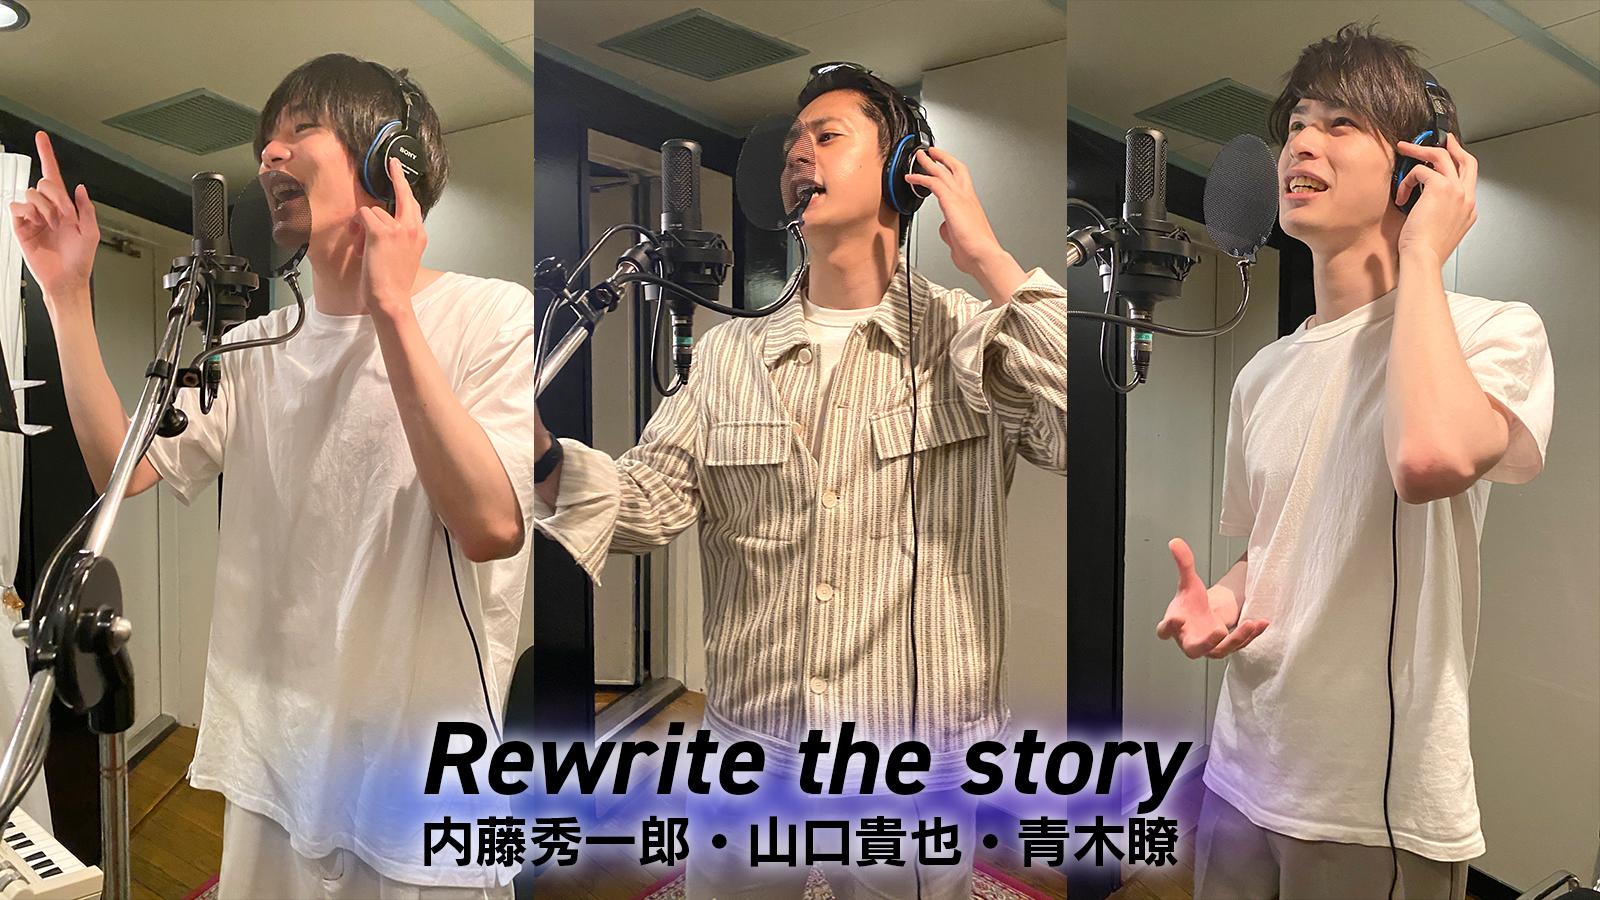 『仮面ライダーセイバー』第38話で内藤秀一郎・山口貴也・青木瞭が歌う挿入歌が初登場!クロスセイバーのテーマ Rewrite the story